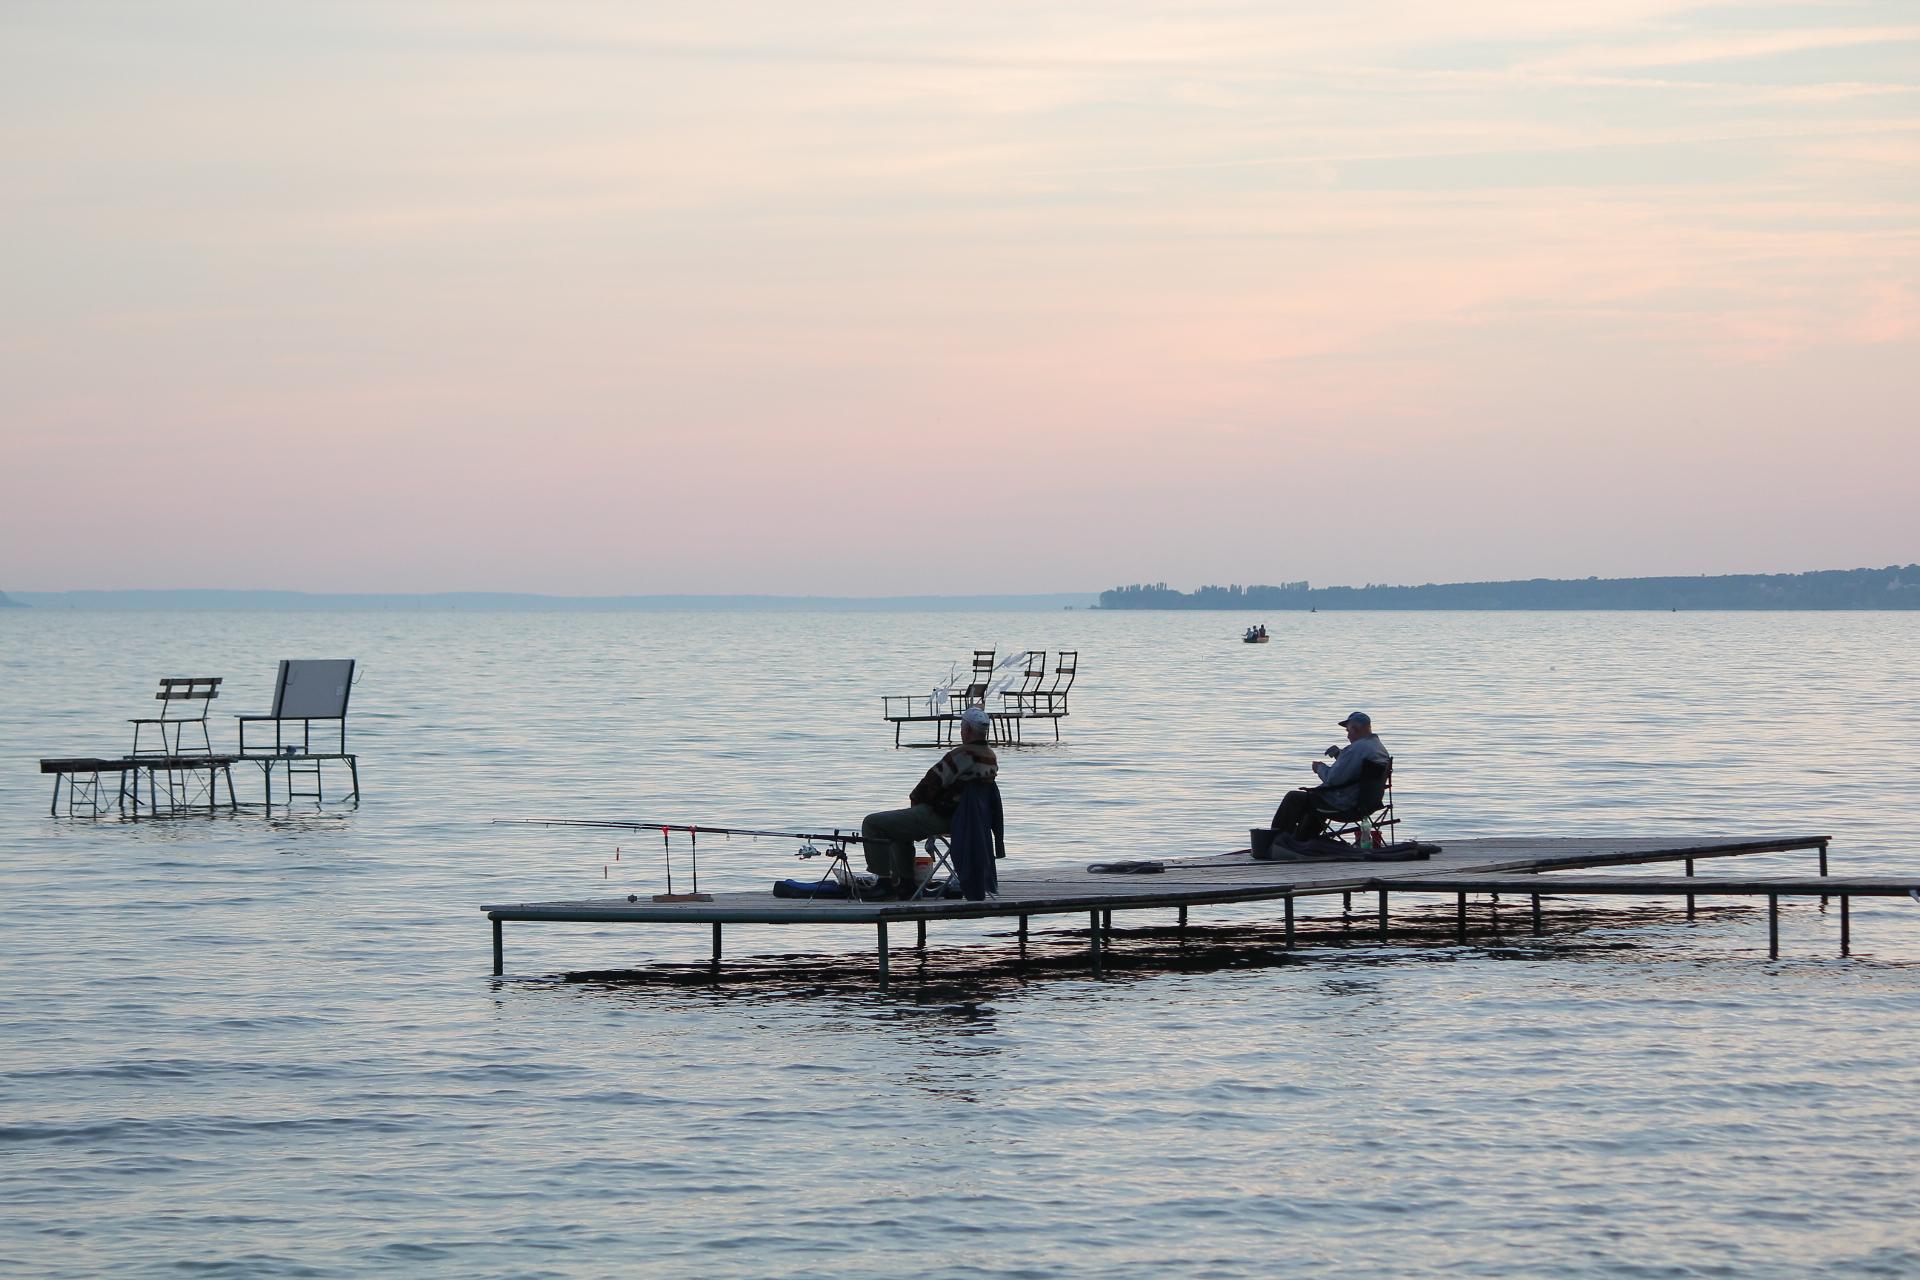 """""""Rövidesen el kell dönteni, hogy mit akarunk a Balatontól: úszómedencét vagy természetes élővilágot"""" – interjú dr. Pálffy Károllyal, a Balatoni Limnológiai Intézet kutatójával"""